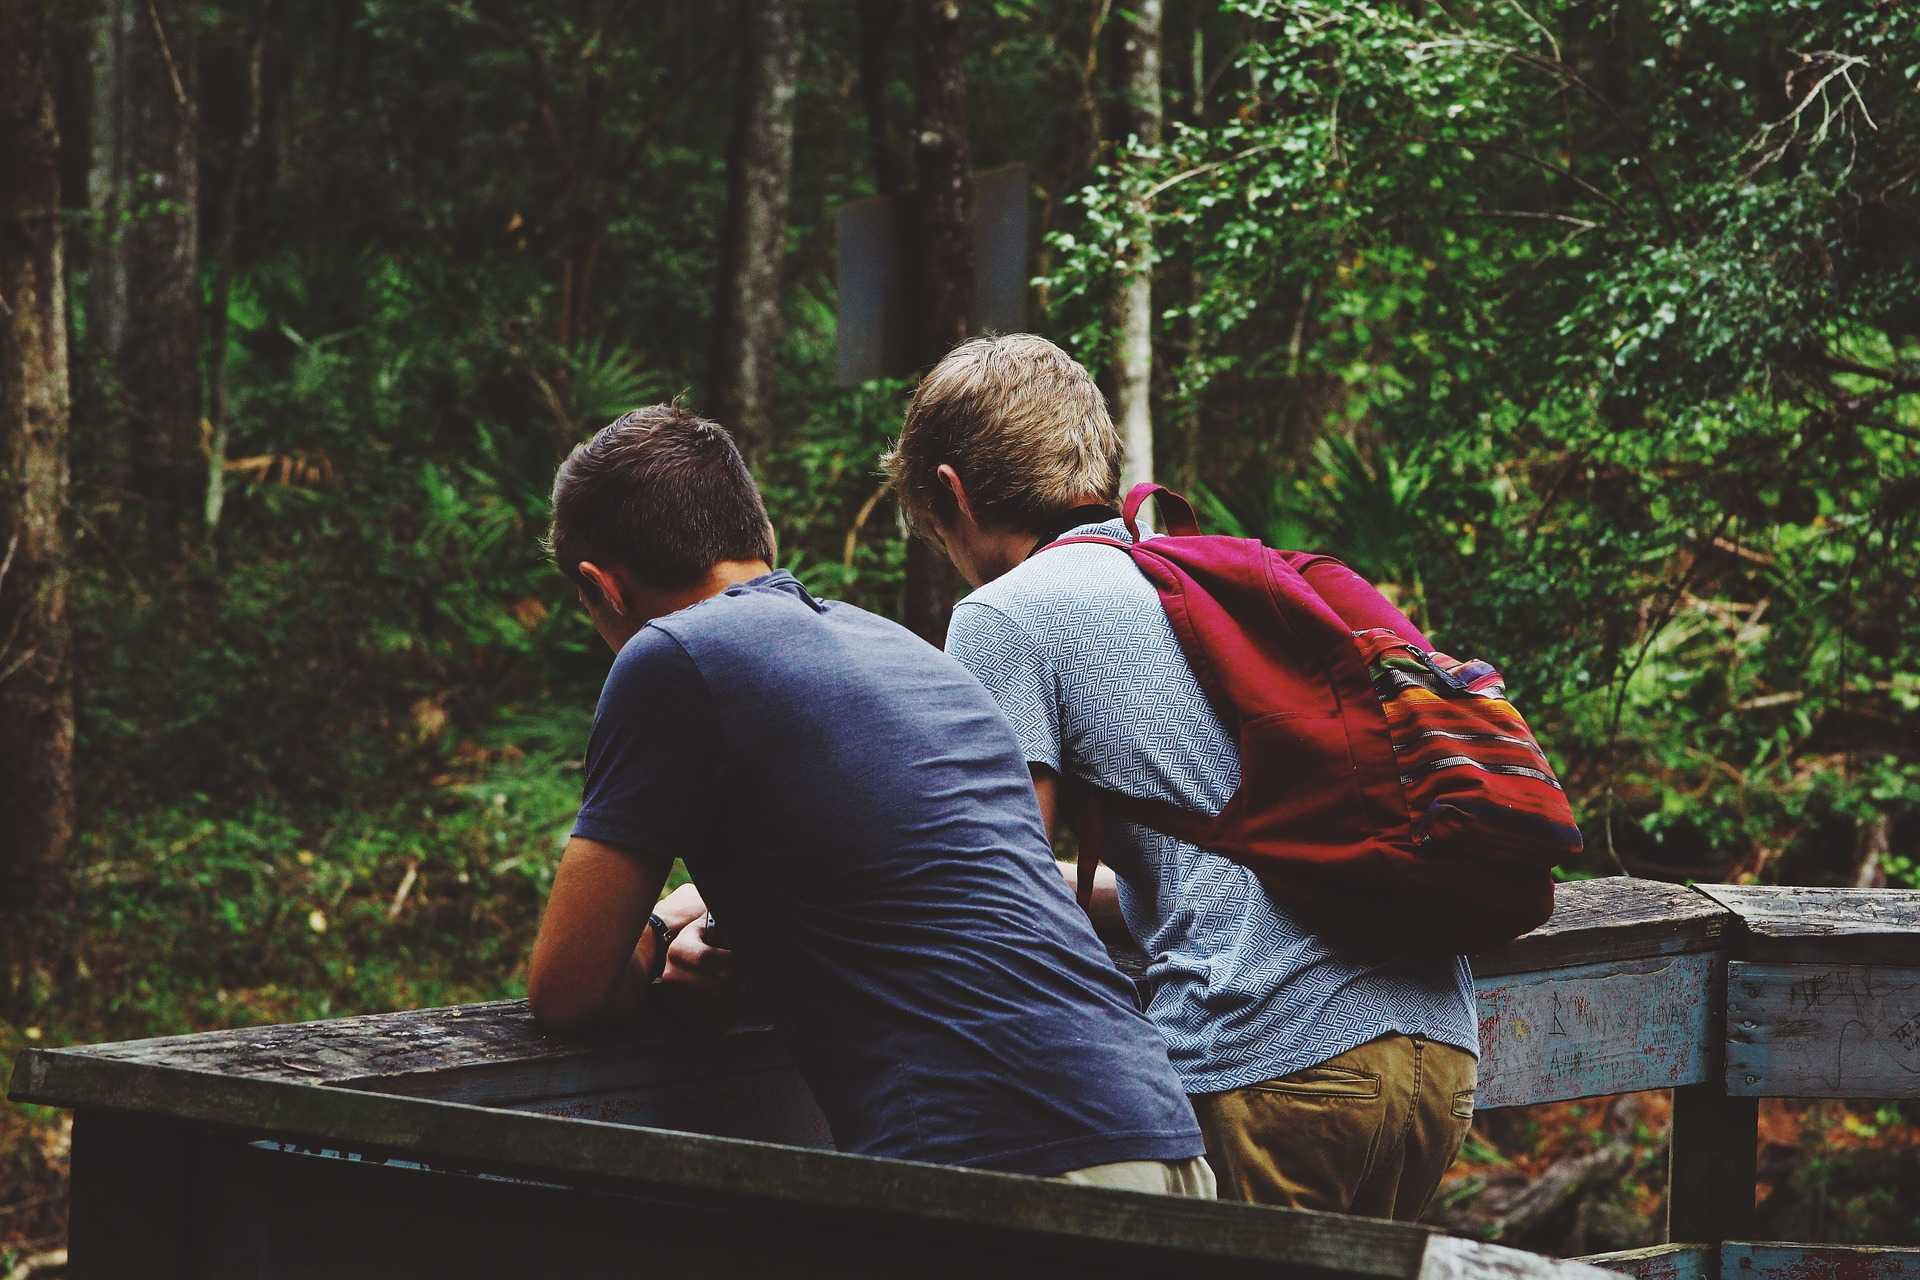 friendship-1081843_1920.jpg